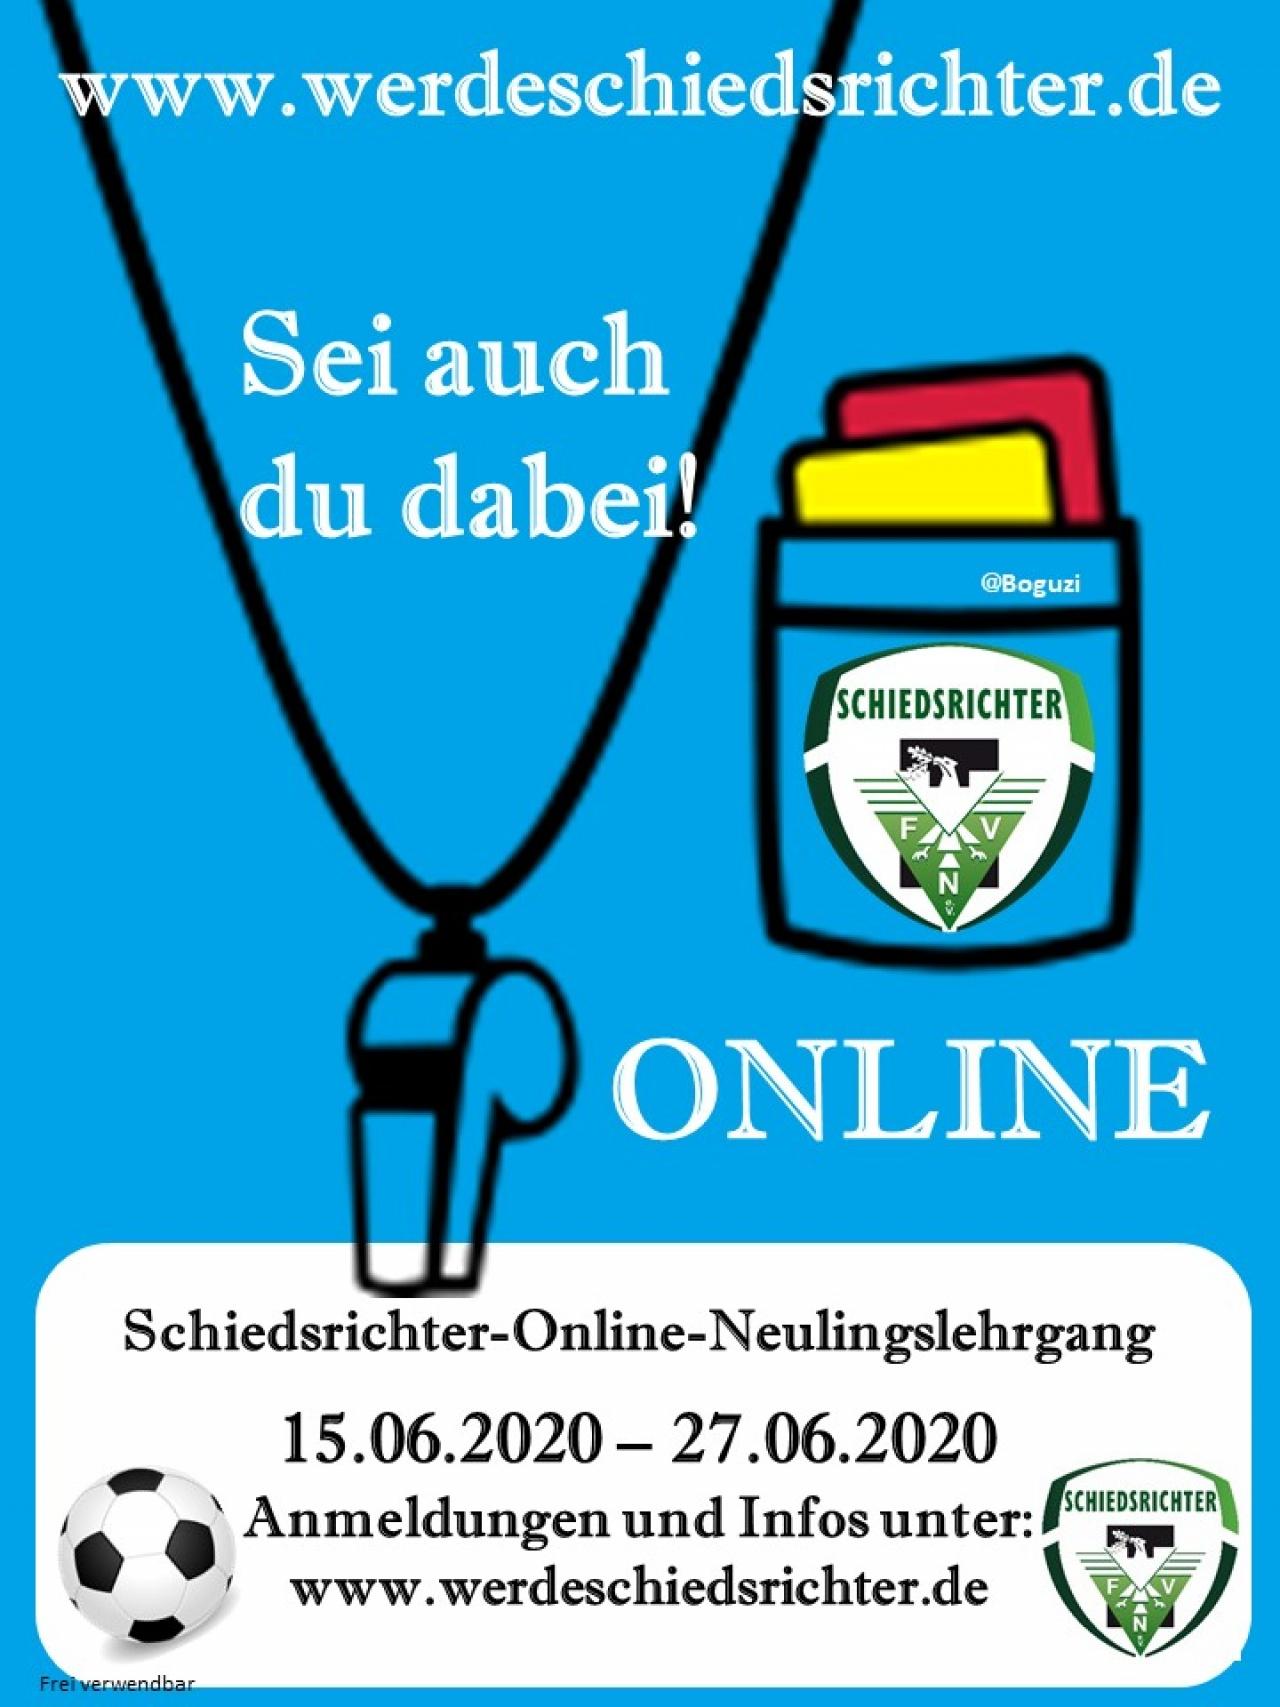 Schiedsrichter-Online-Neulingslehrgang